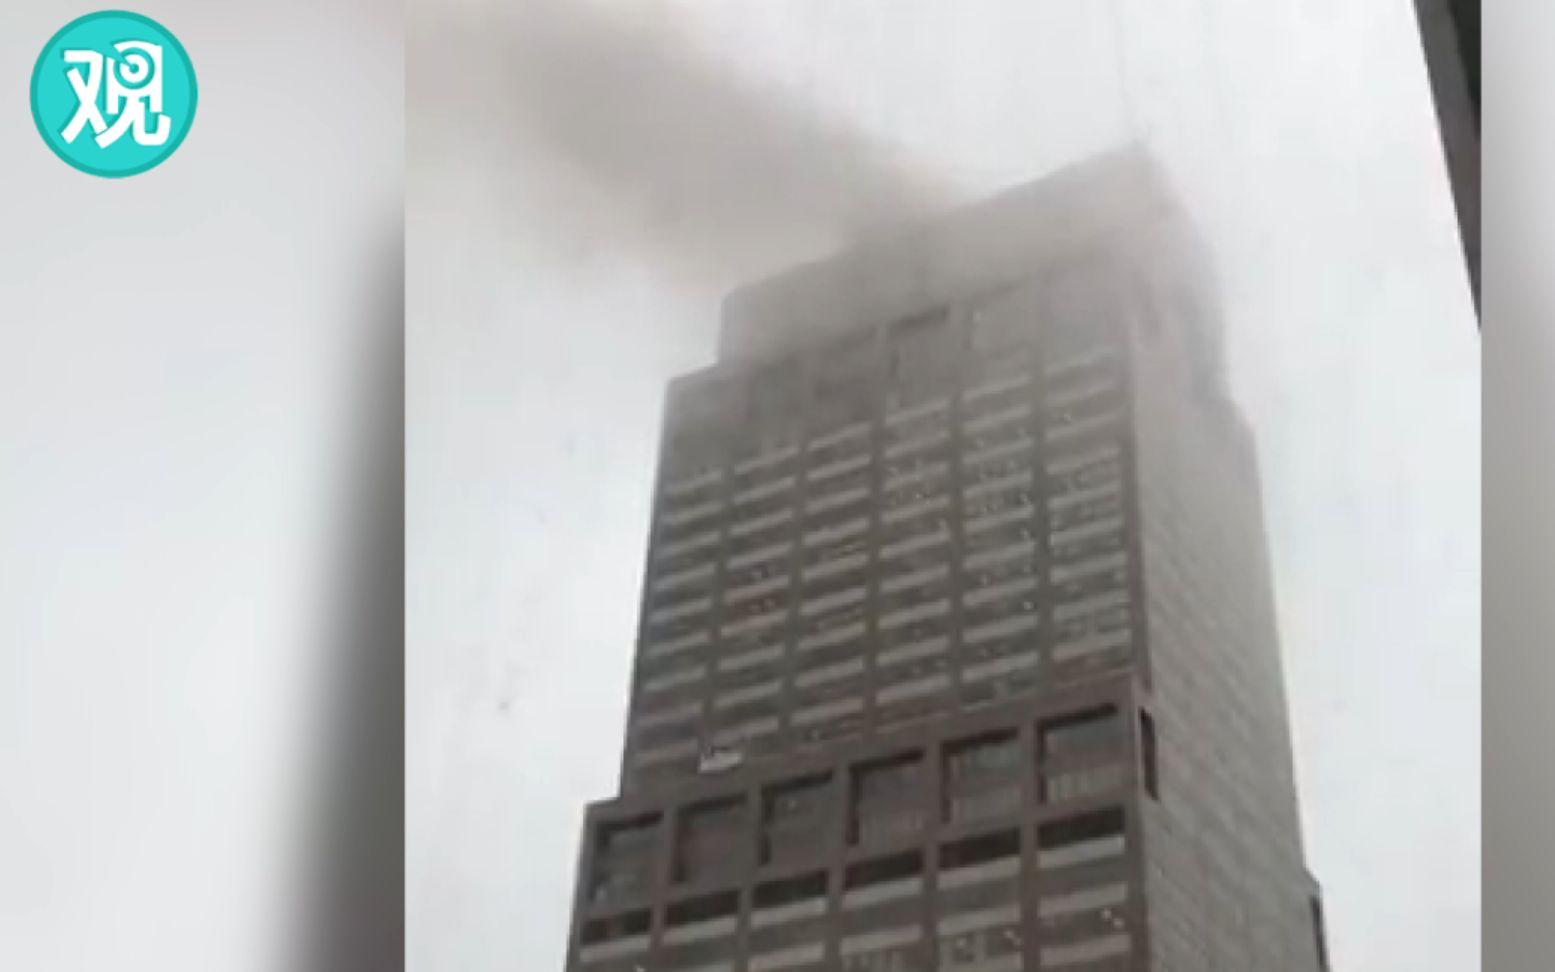 9·11重演?一架直升机撞上纽约54层高楼后坠毁